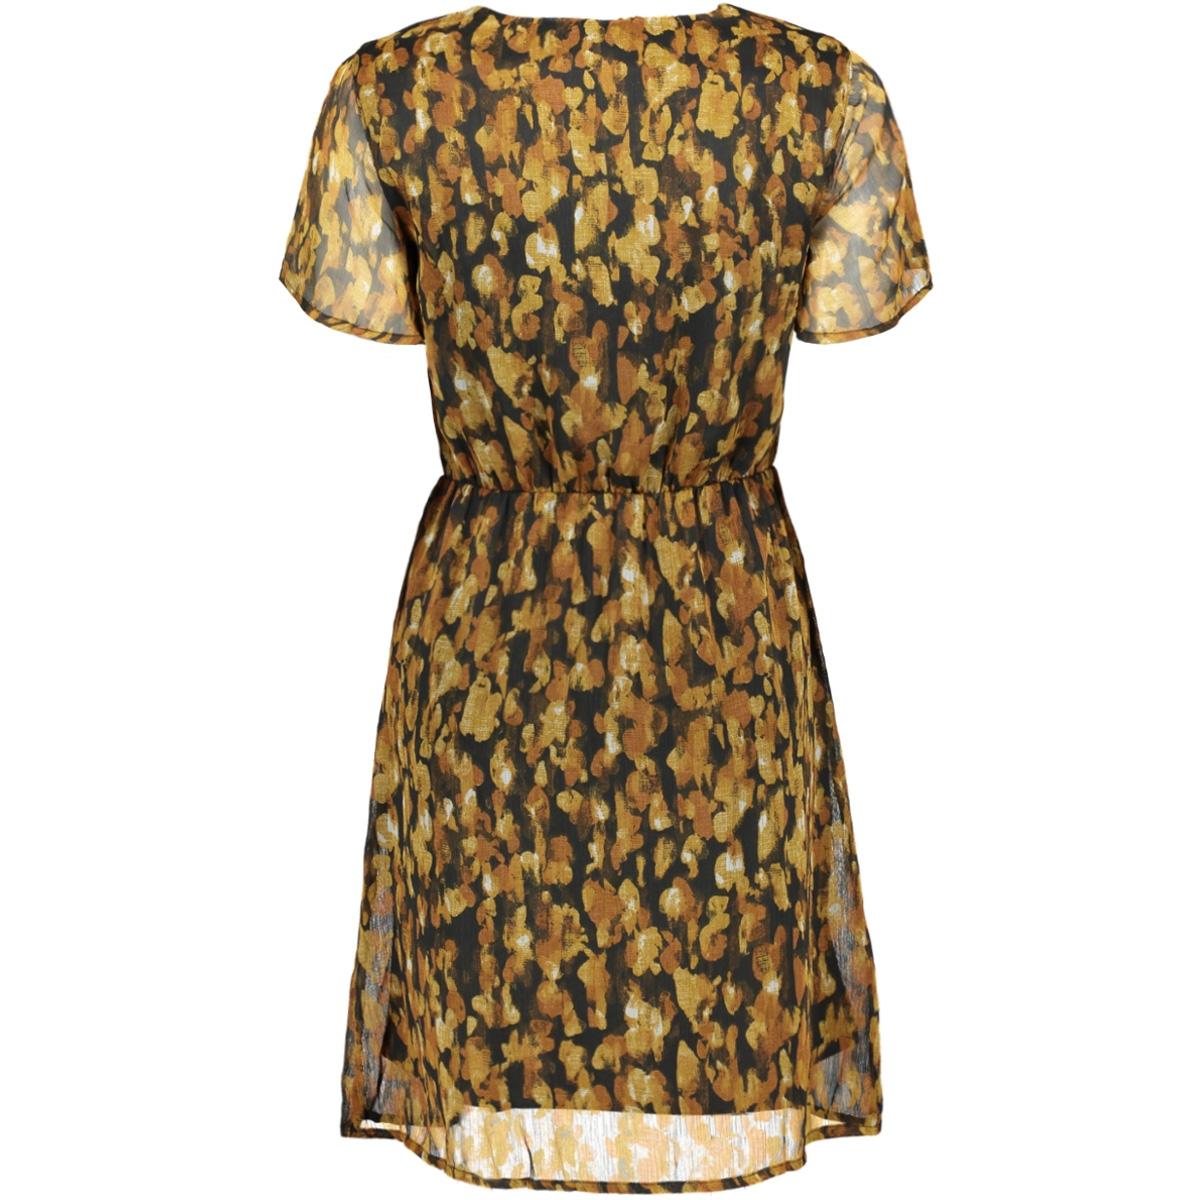 e5011747f64768 vmwonda s s short dress pi 10217165 vero moda jurk black mary ann